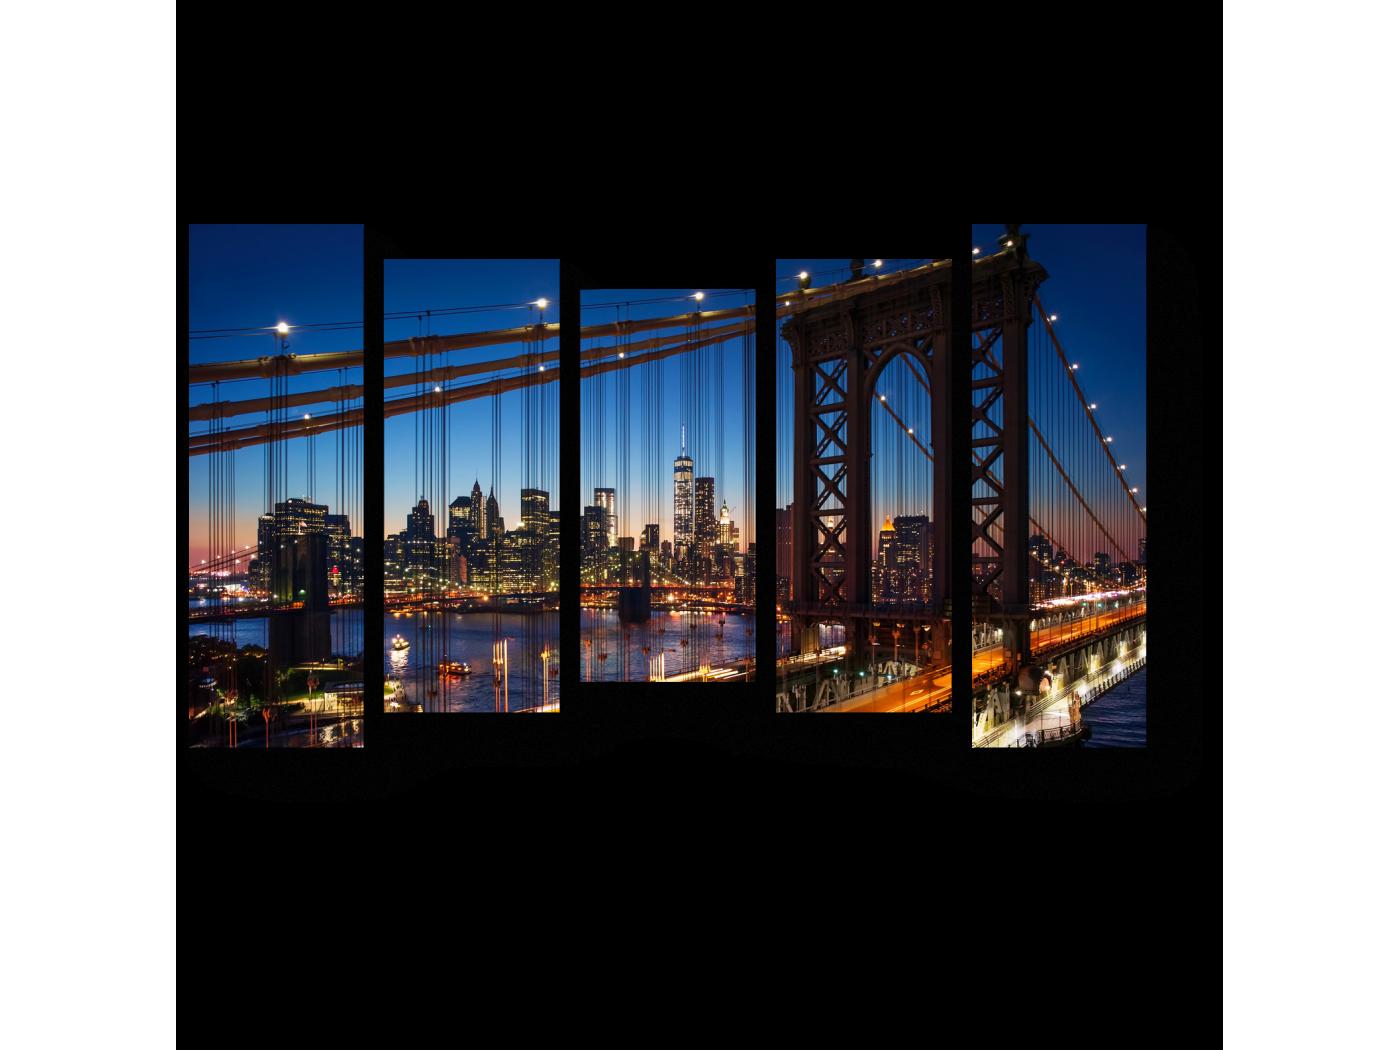 Модульная картина Огни ночного Манхэттена, Нью-Йорк (90x54) фото